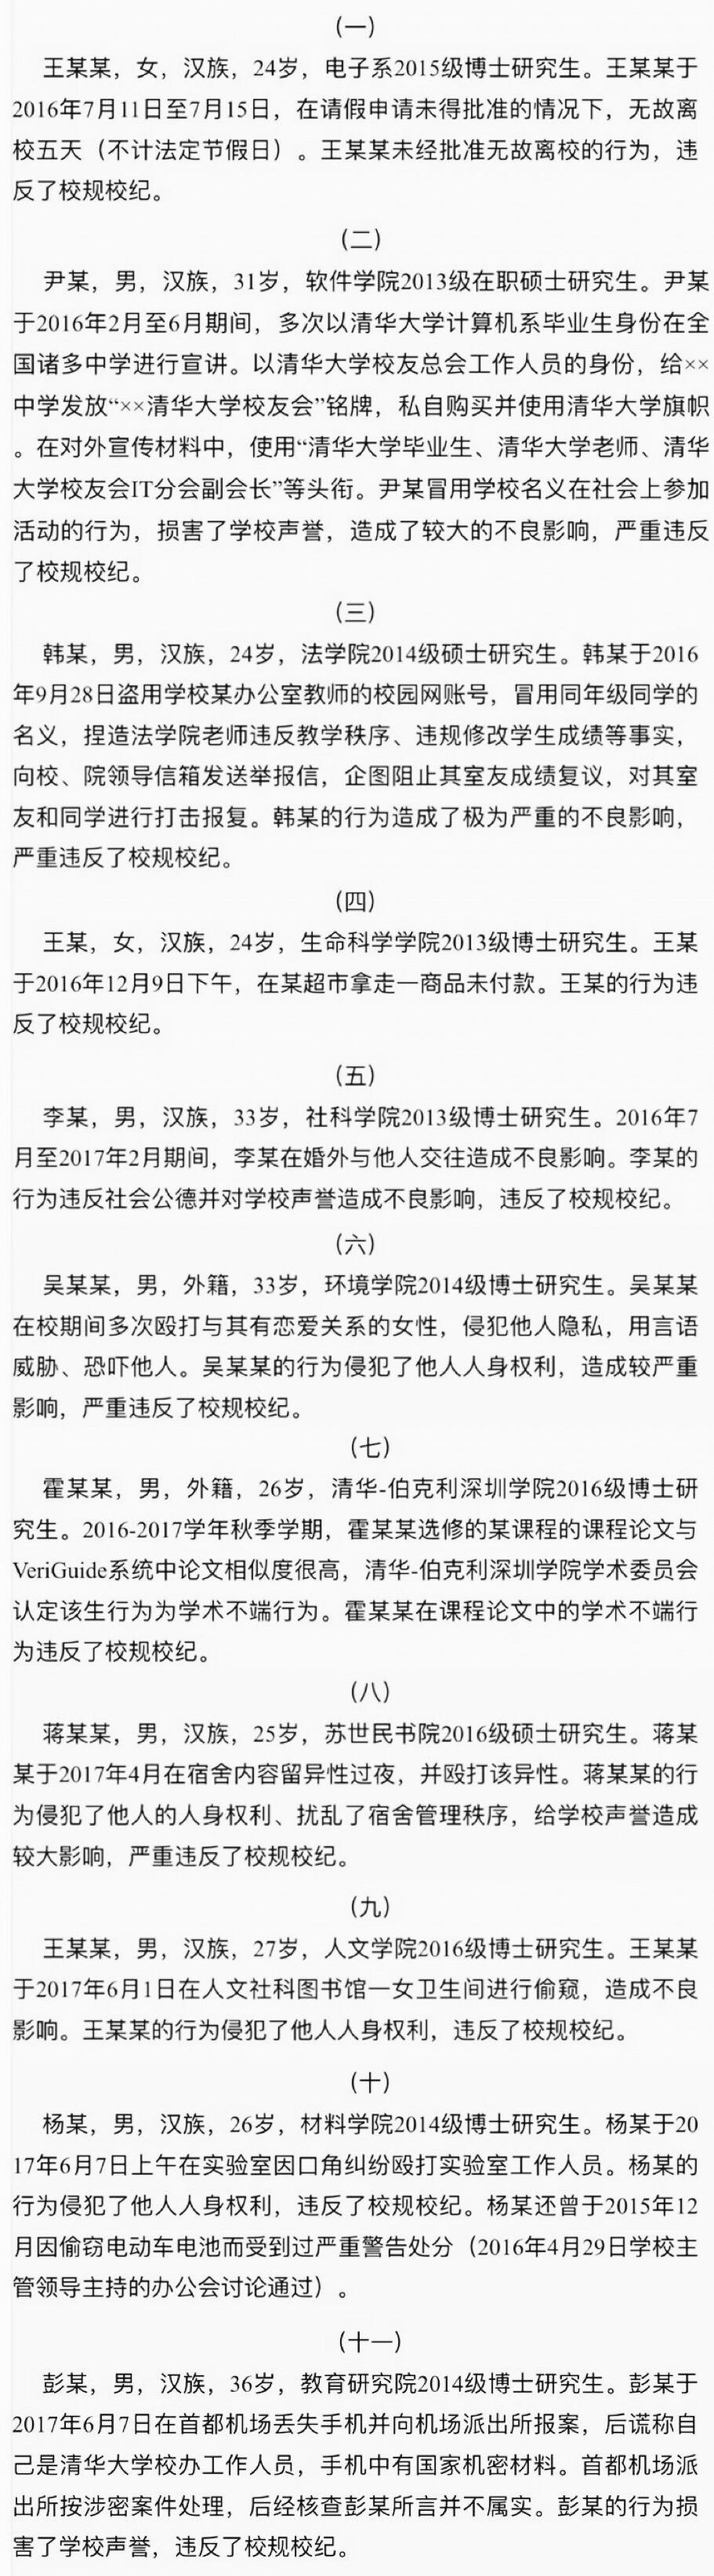 清华大学11名研究生被处分 涉婚外情、偷窥女厕等